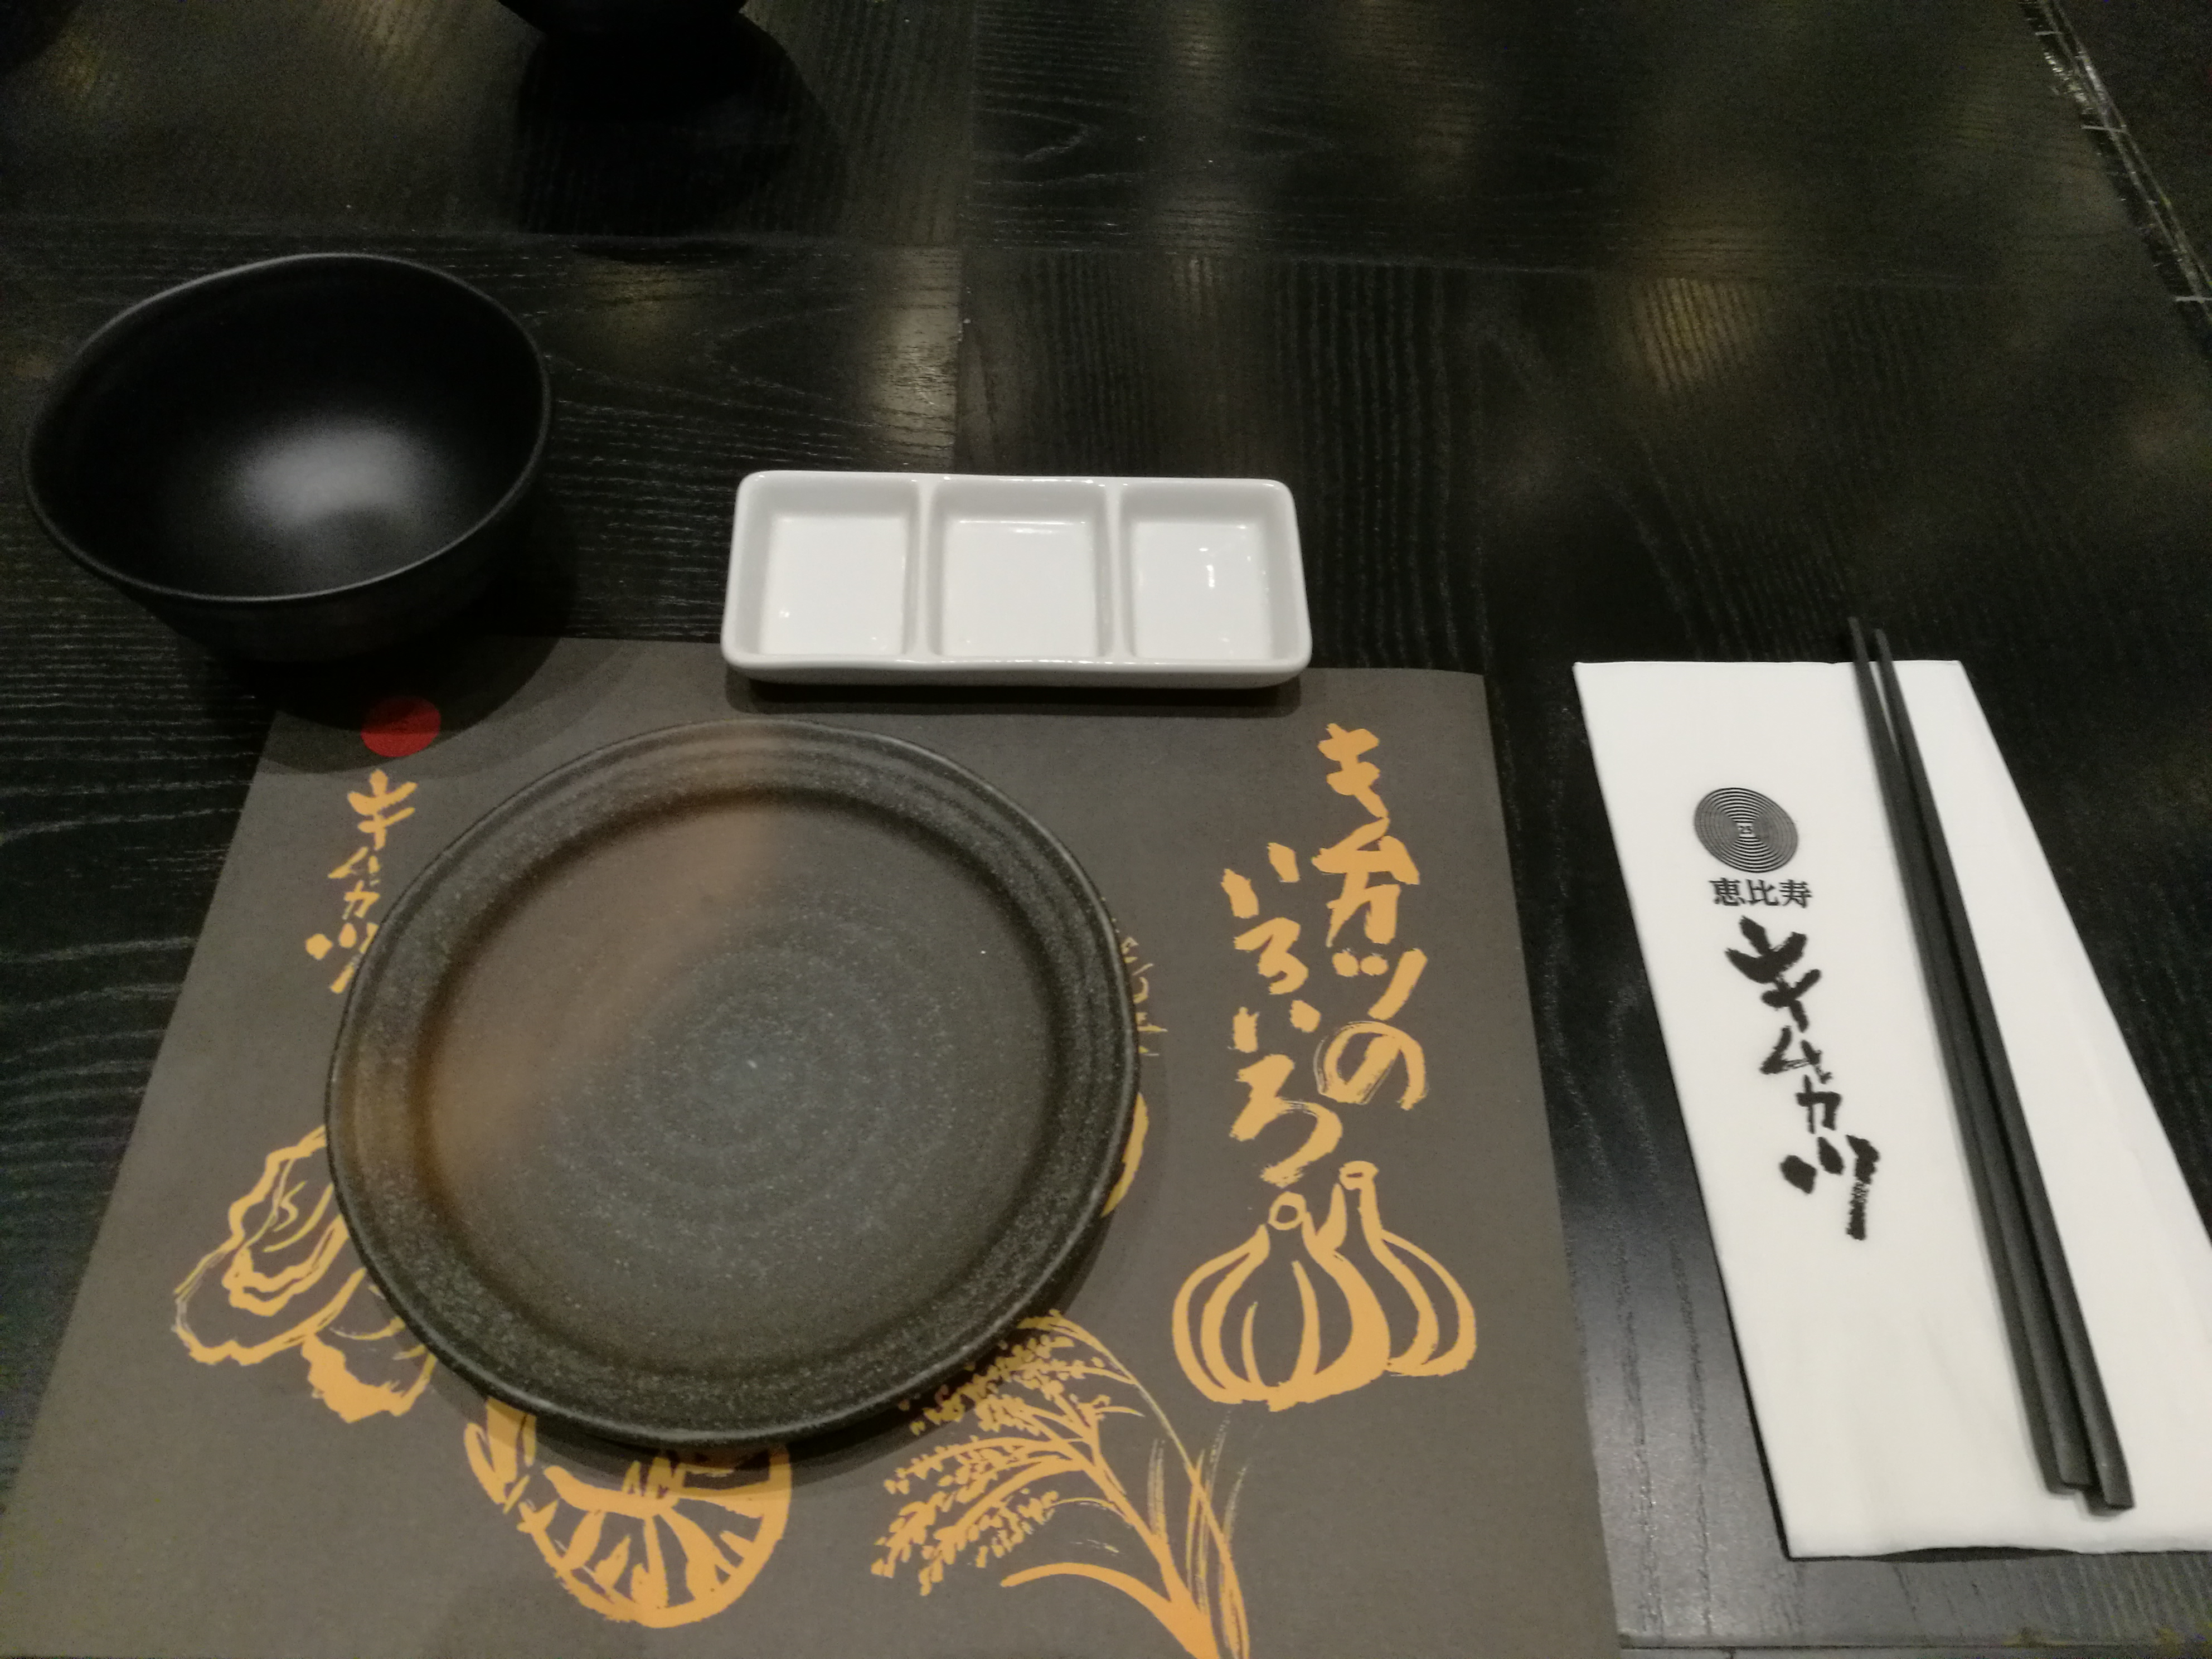 マニラのとんかつ屋「キムカツ」はご飯と味噌汁がおかわり自由でお得!